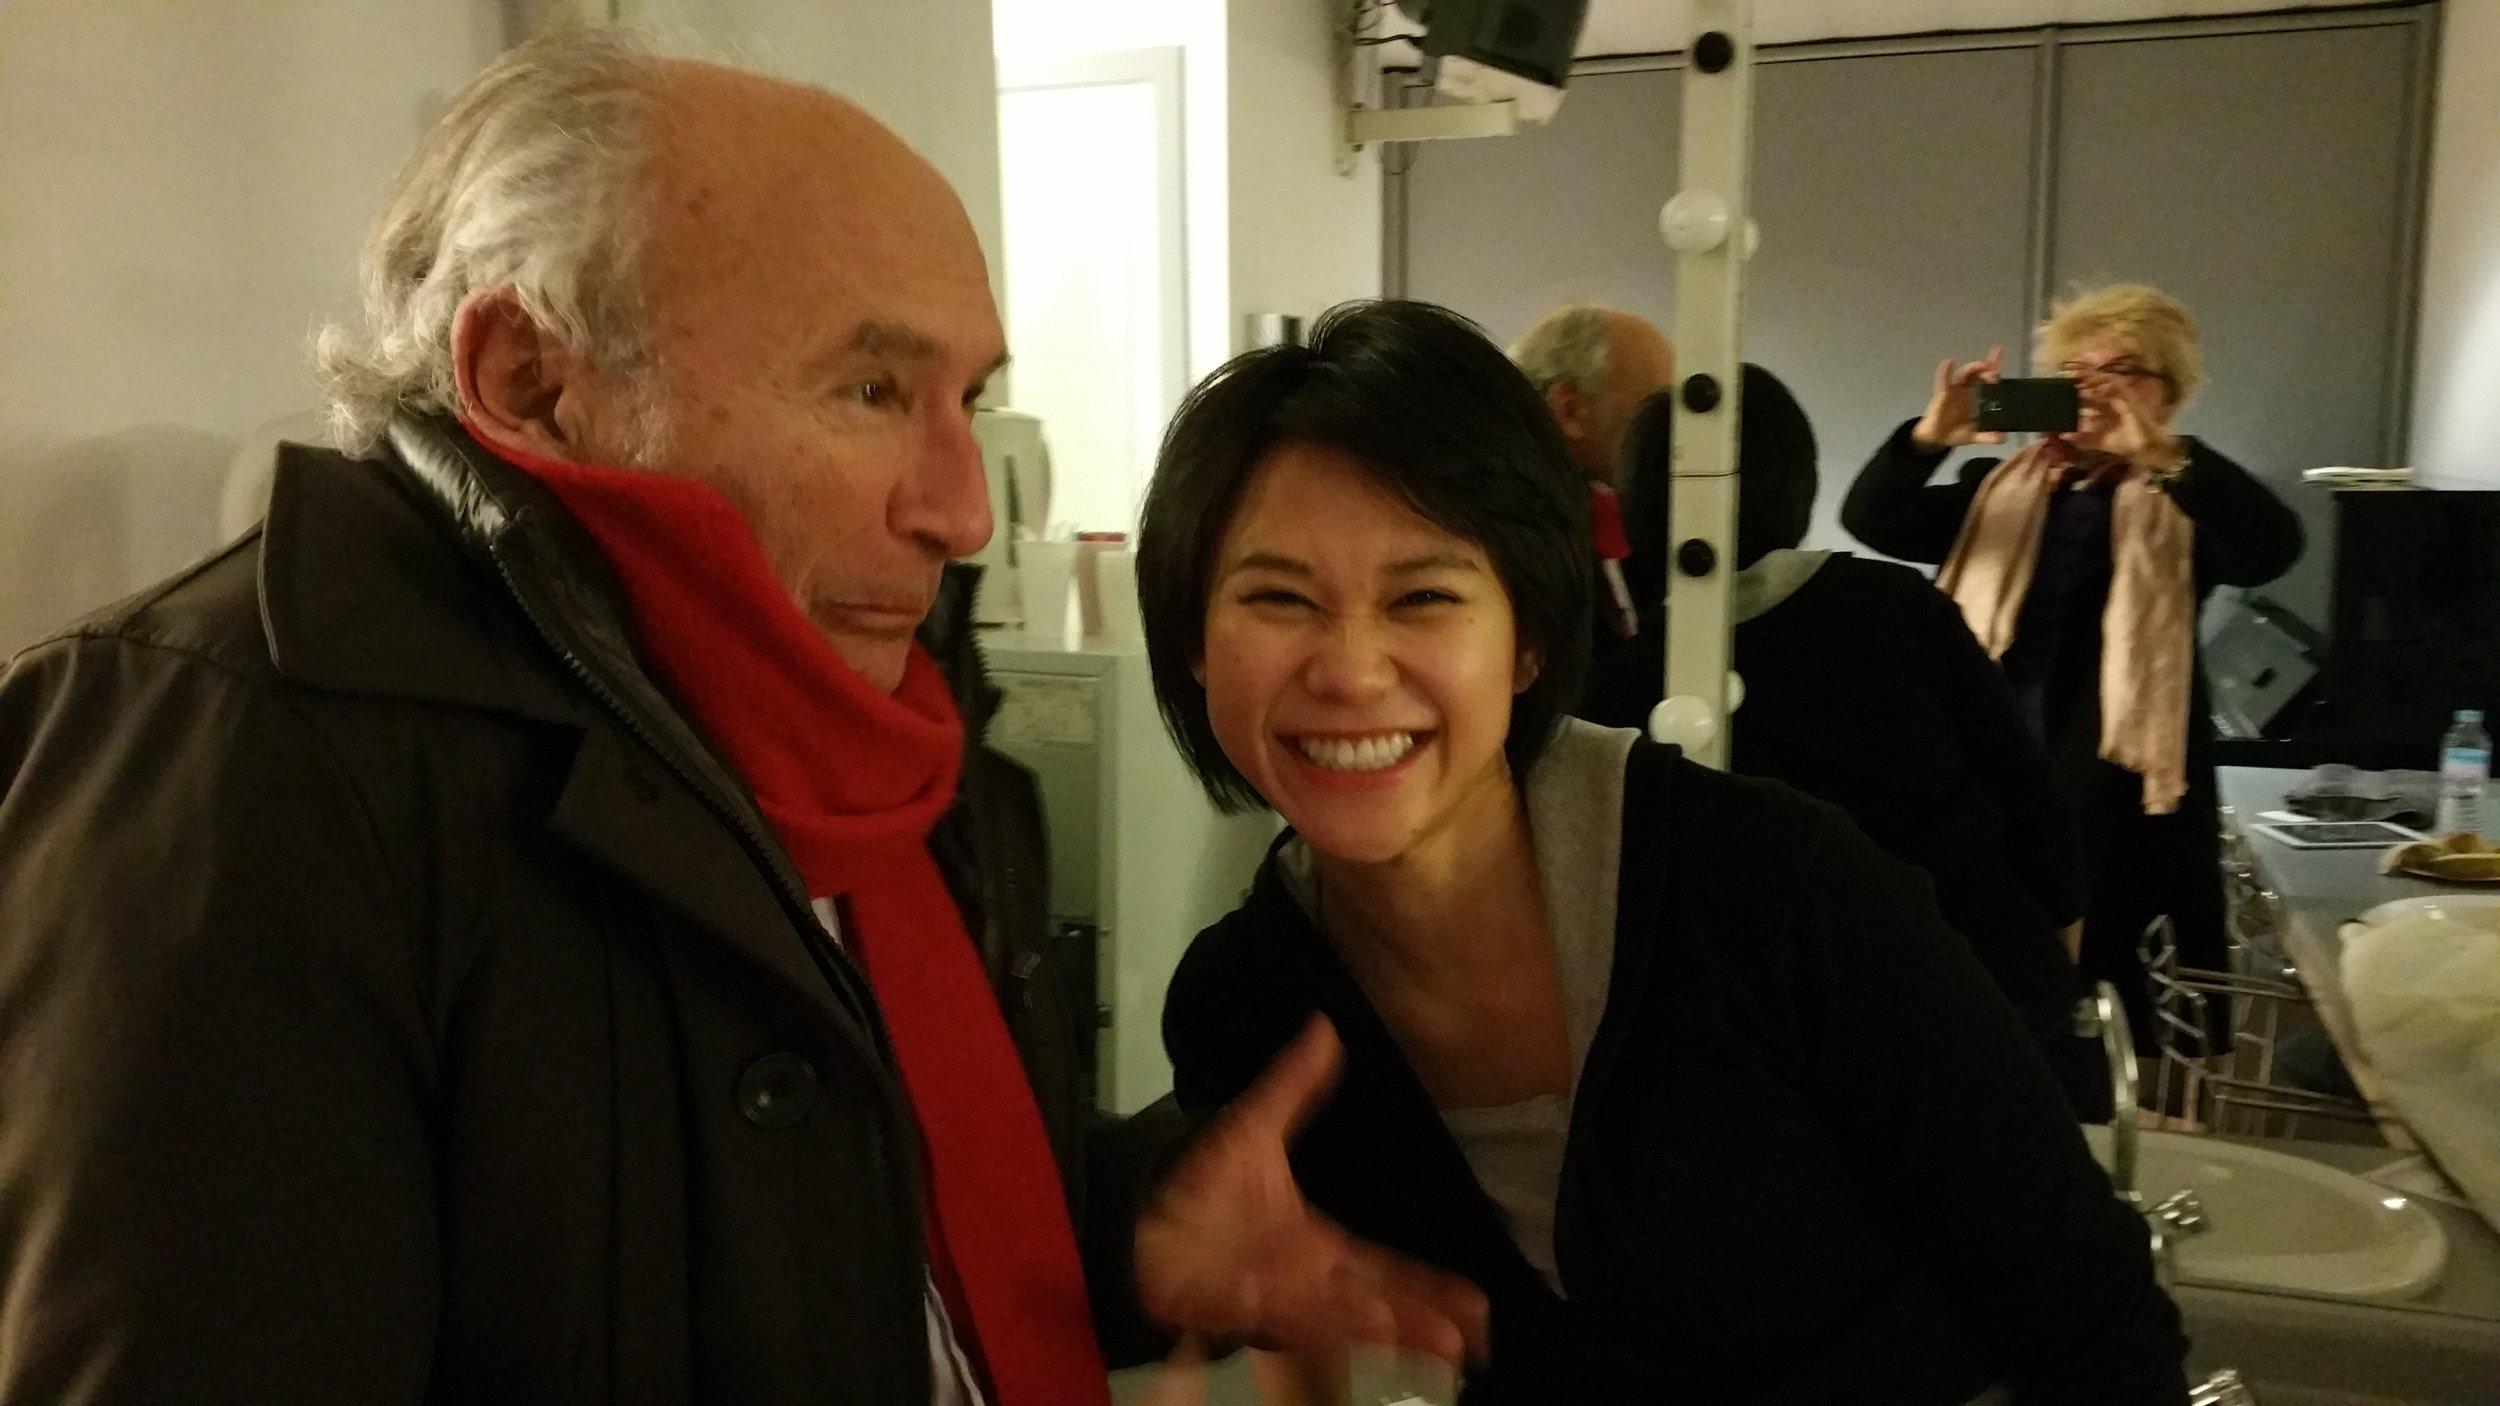 André Furno avec Yuja Wang après un récital. L'esprit de détente est au rendez-vous